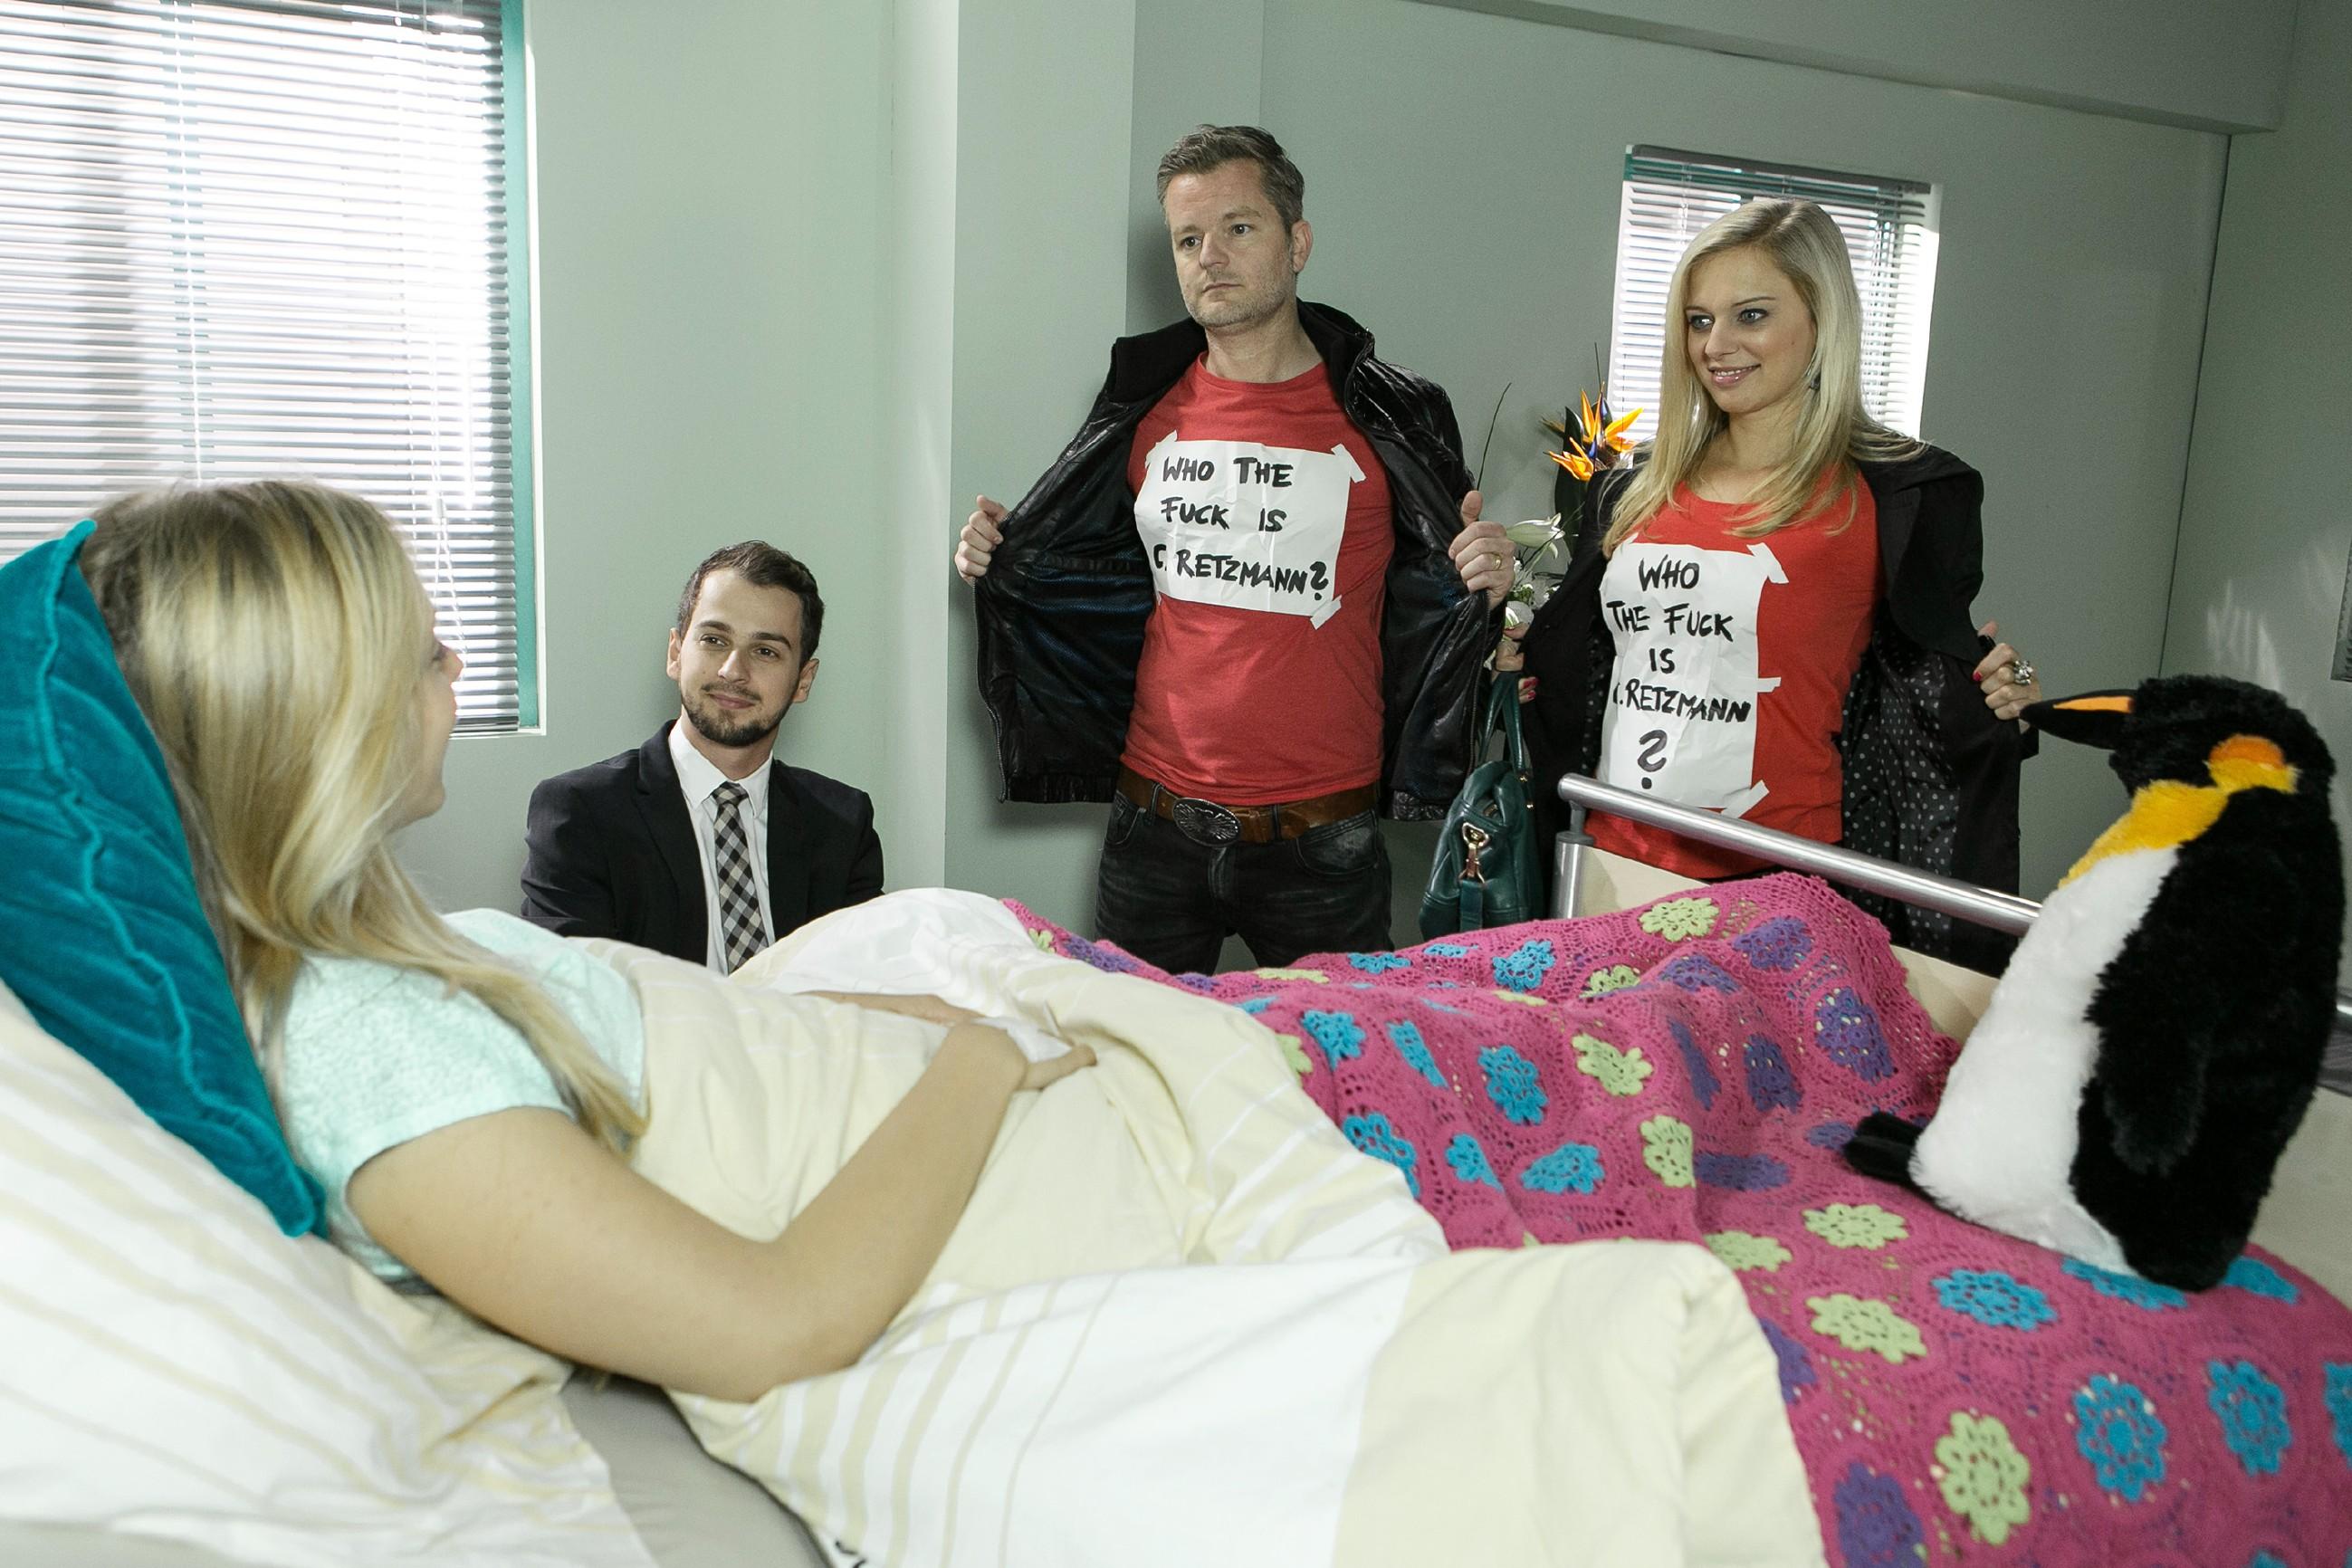 Durch die Unterstützung von (v.l.) Lena (Juliette Greco), Ingo (André Dietz) und vor allem Tobi (Michael Jassin) kehrt Maries (Judith Neumann) Kampfgeist zurück und sie weiß: Sie kann es auch ohne Caroline schaffen, aufs Eis zurückzukehren! (Quelle: RTL / Kai Schulz)